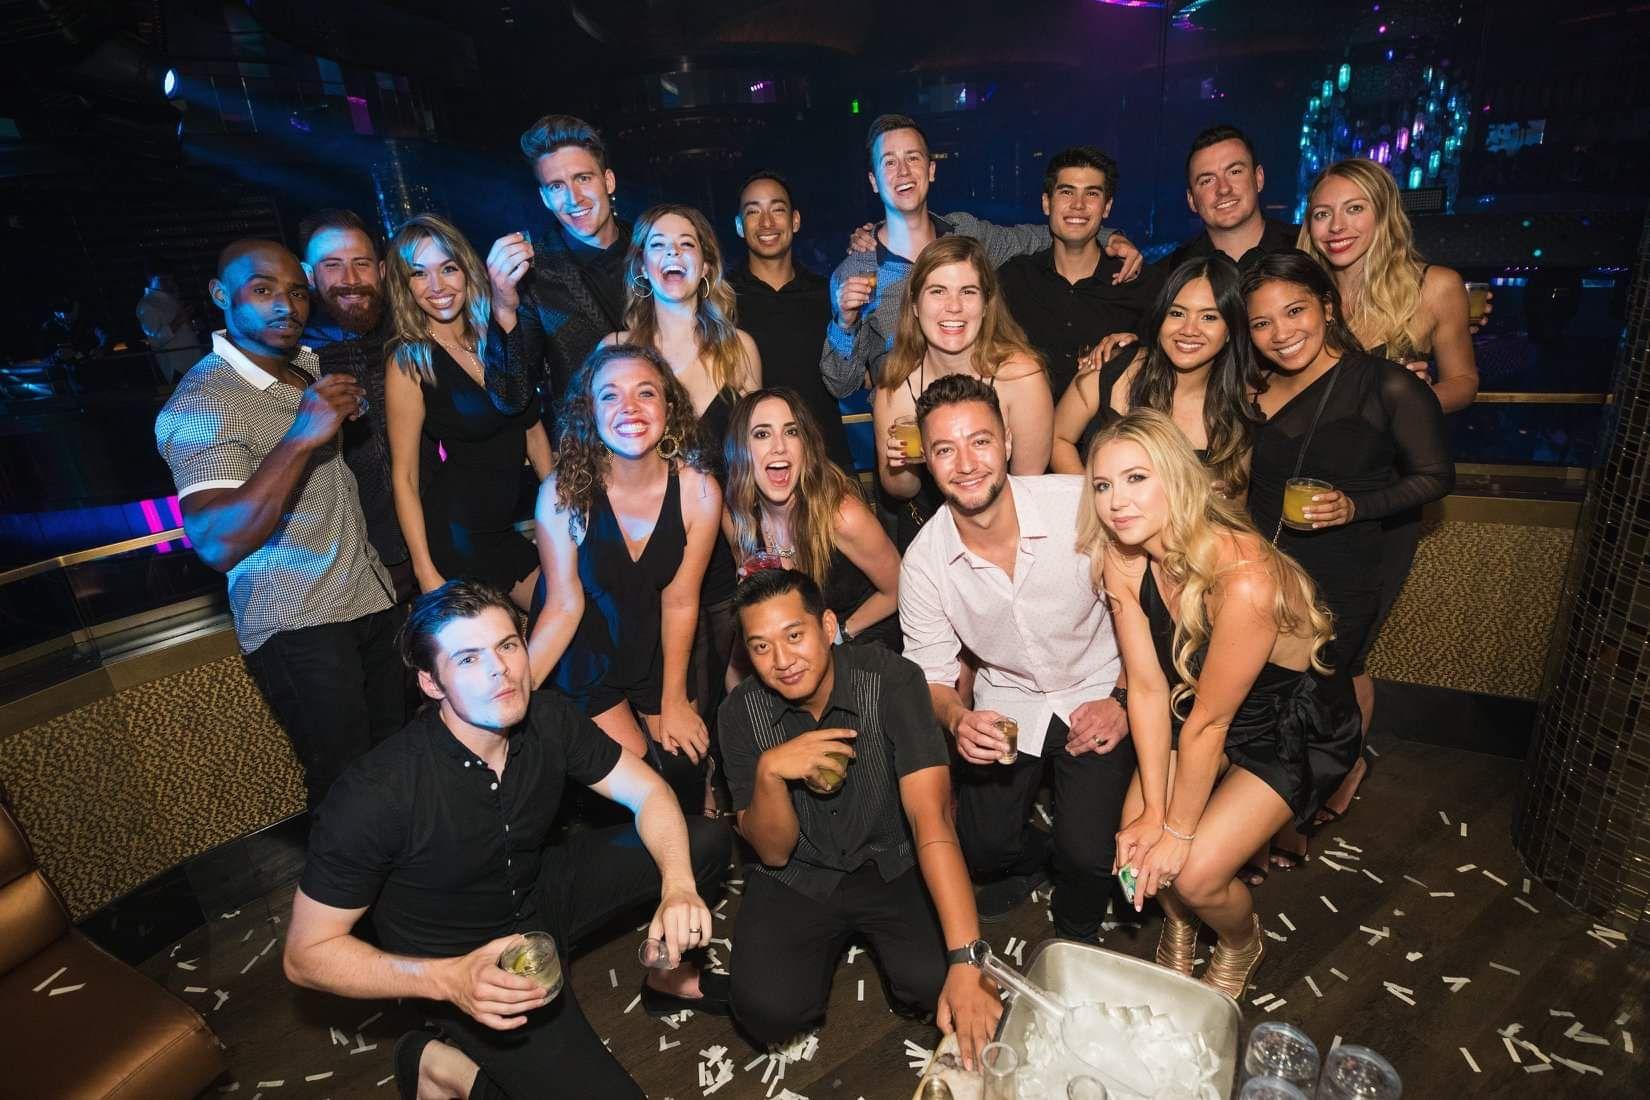 Las Vegas Nightclub Dress Code Night Club Dress Night Club Las Vegas Night Clubs